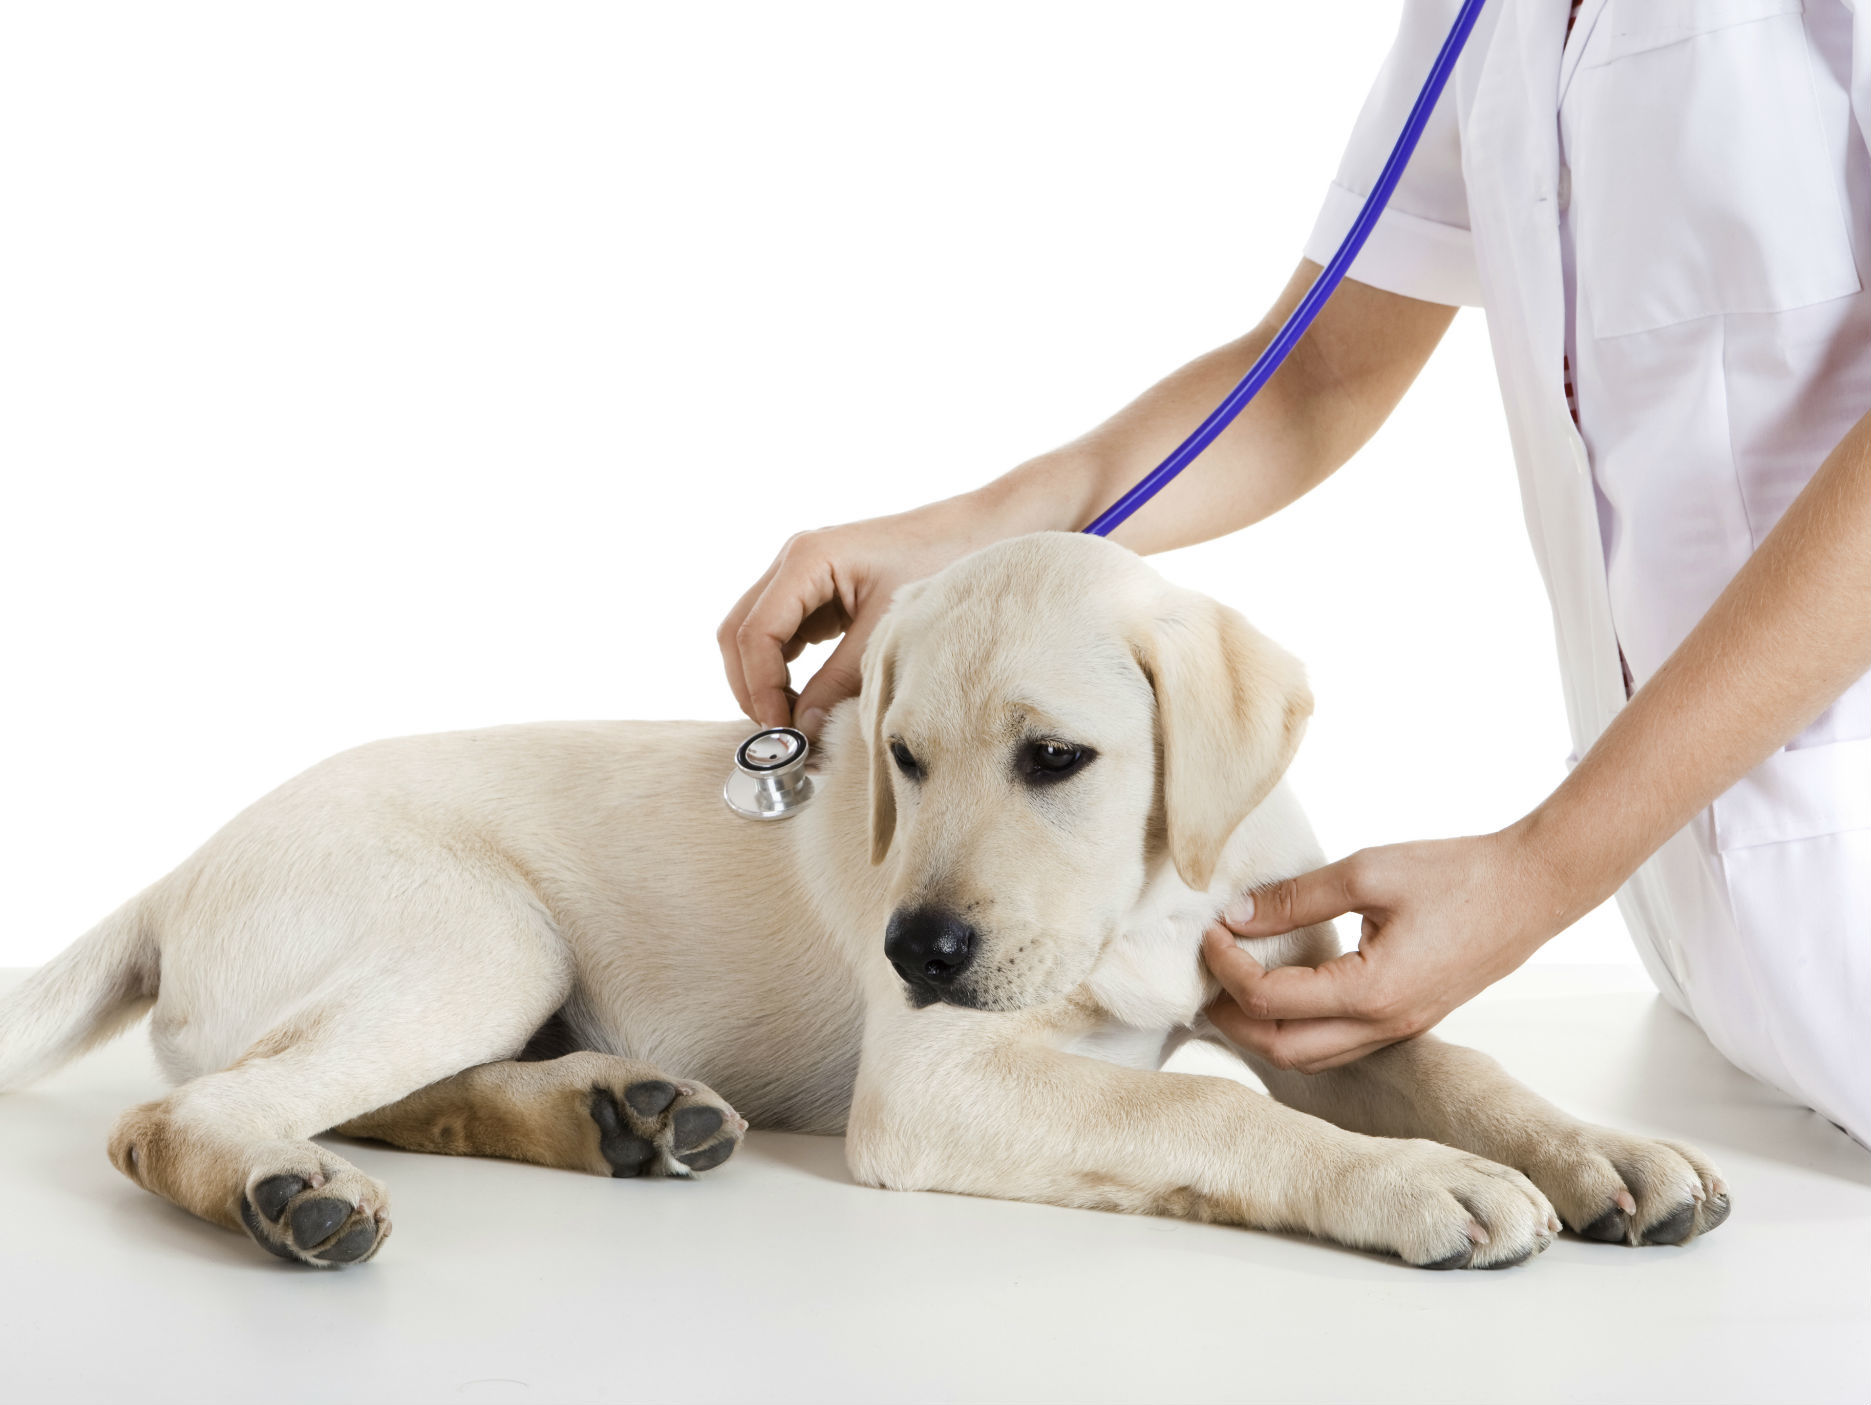 Perro revisado por veterinario